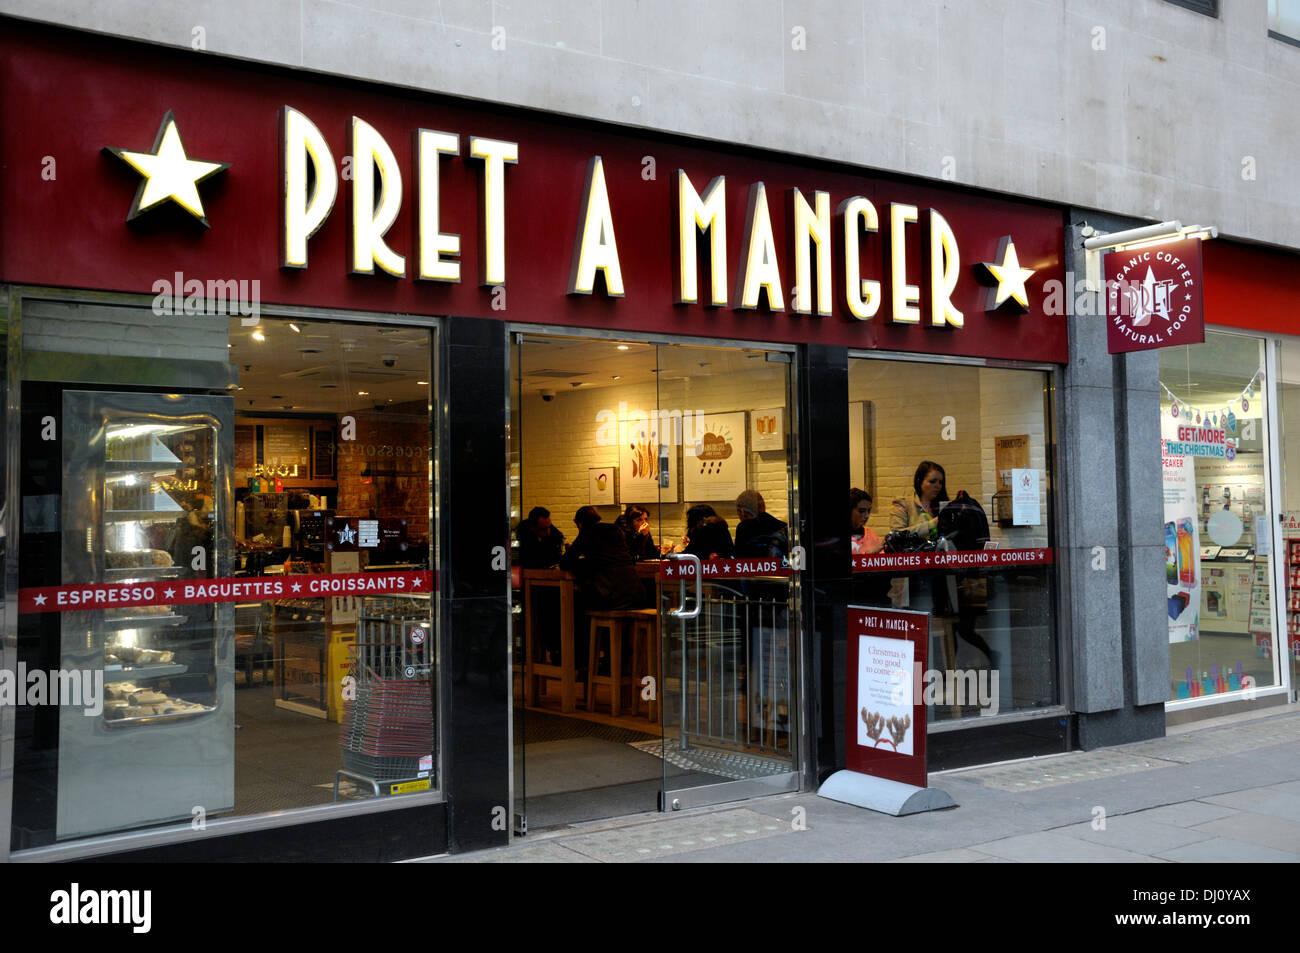 london pret a manger Pret a manger (europe) ltd, reg number 1854213 • pret a manger (usa) ltd, reg number 3836164 • pret a manger (hong kong) ltd london sw1e 5dh.